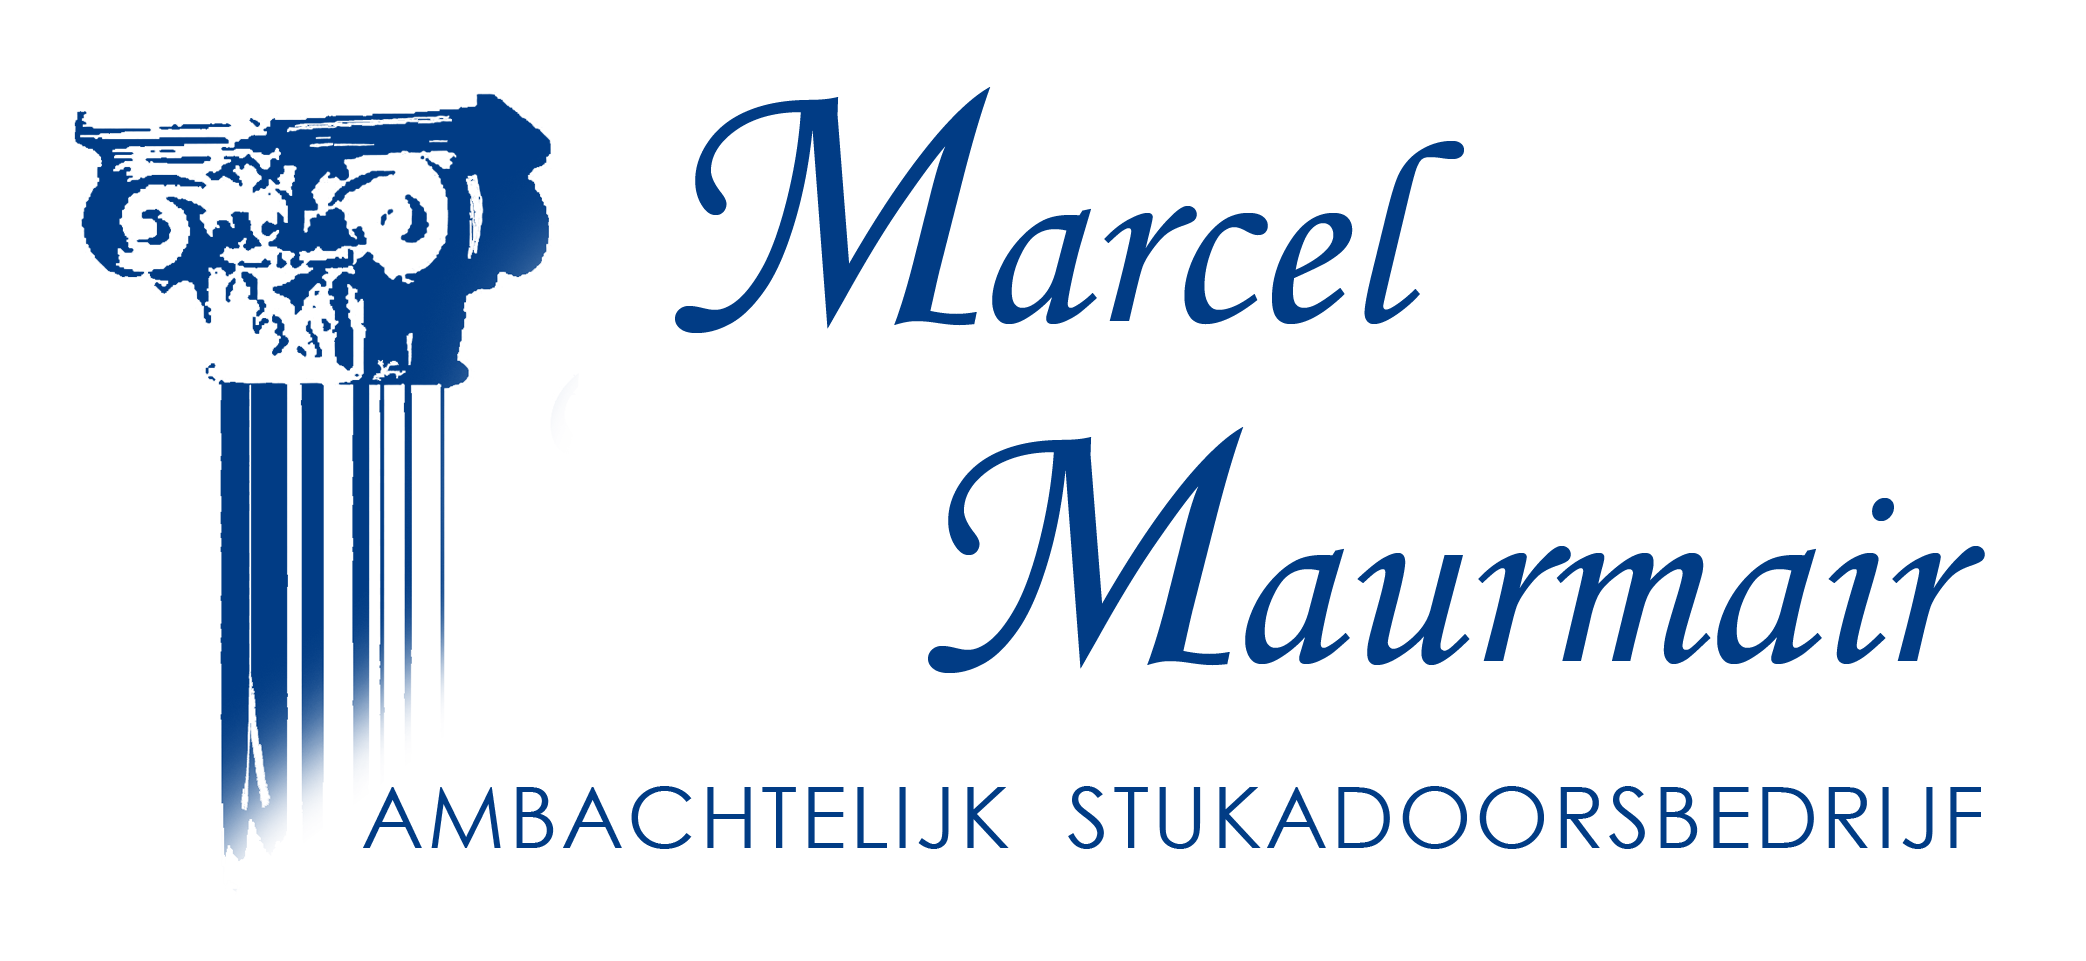 9232a3af69cd5345e6701ab9b23ecb55 logo blauw